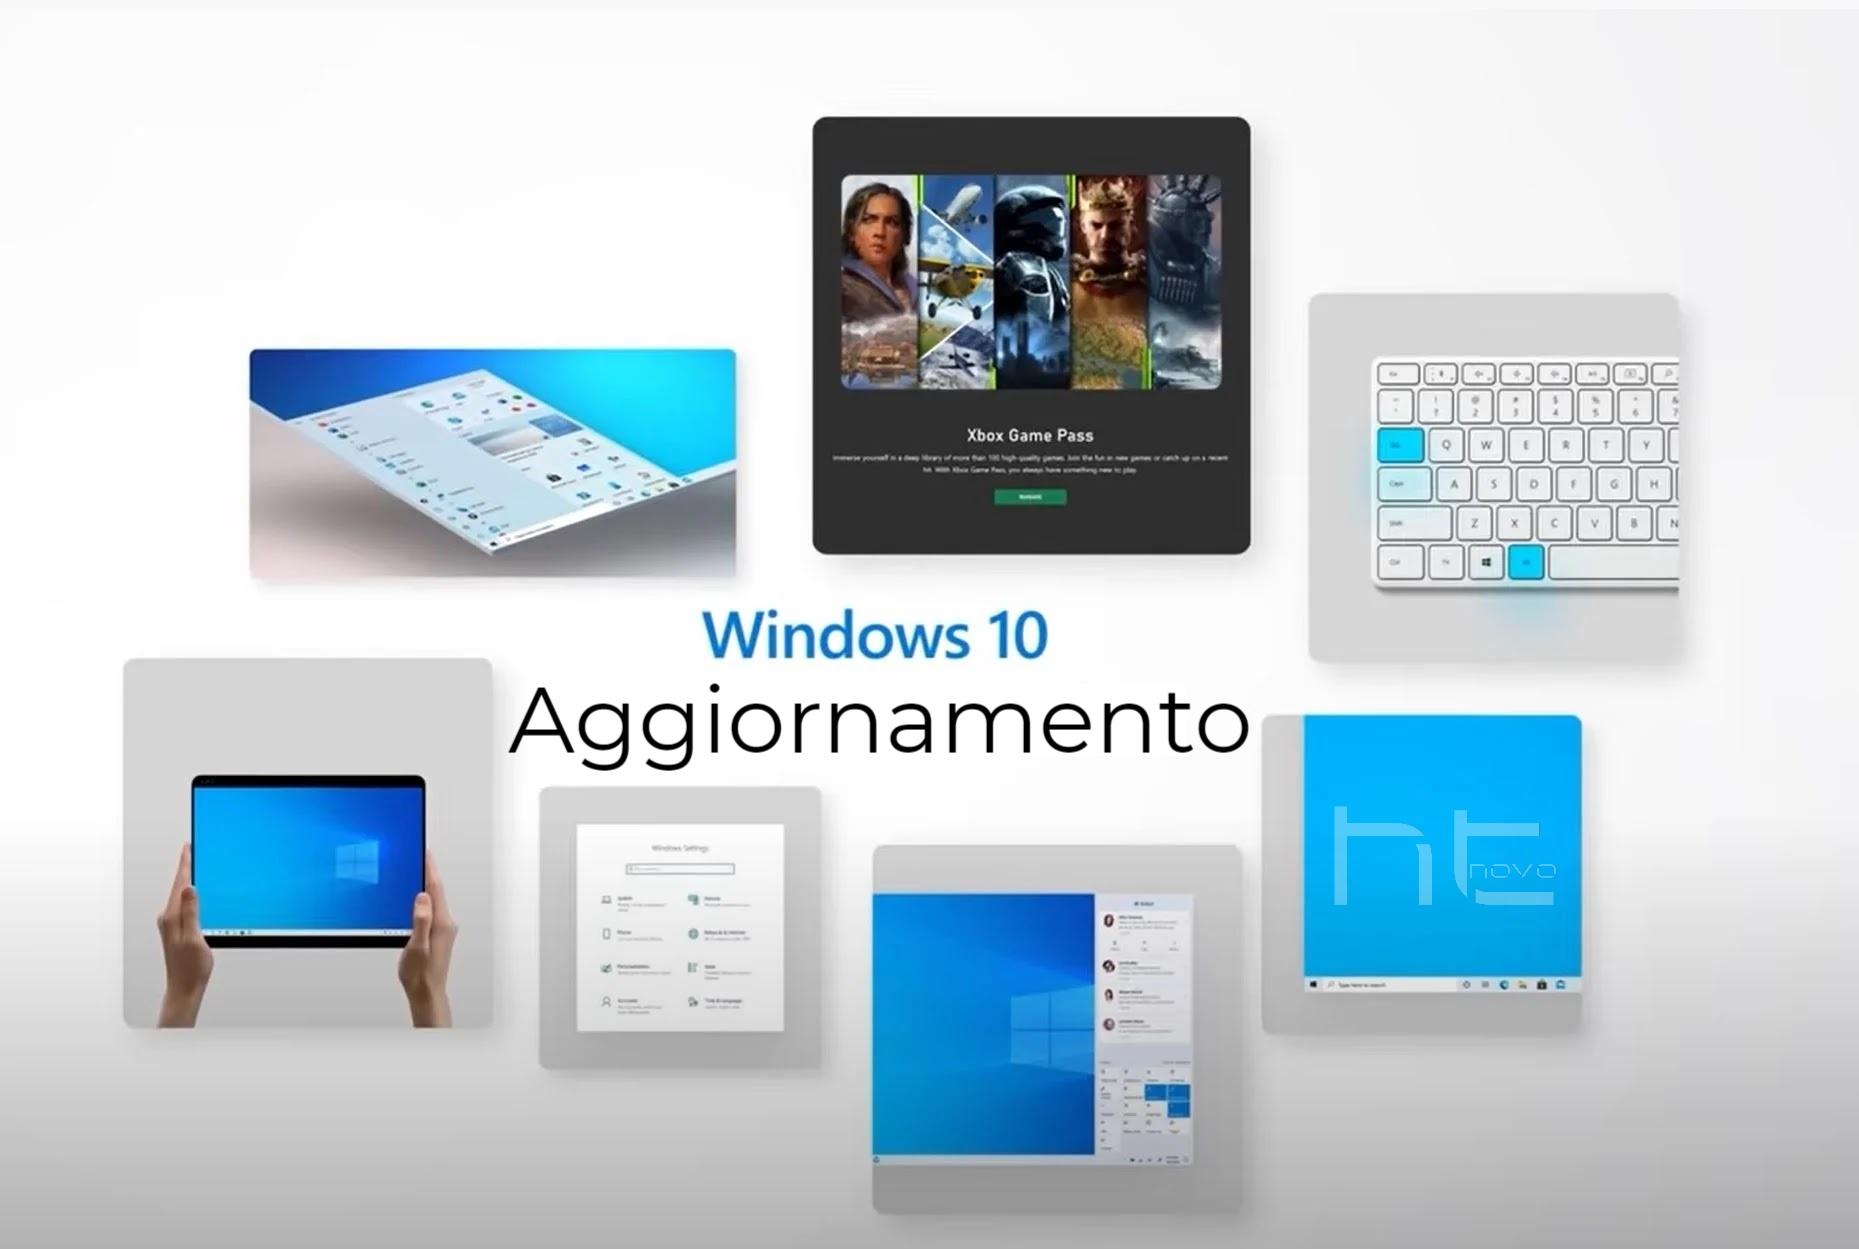 Aggiornamento cumulativo per Windows 10 Versione 20H2 - Build 19042.985